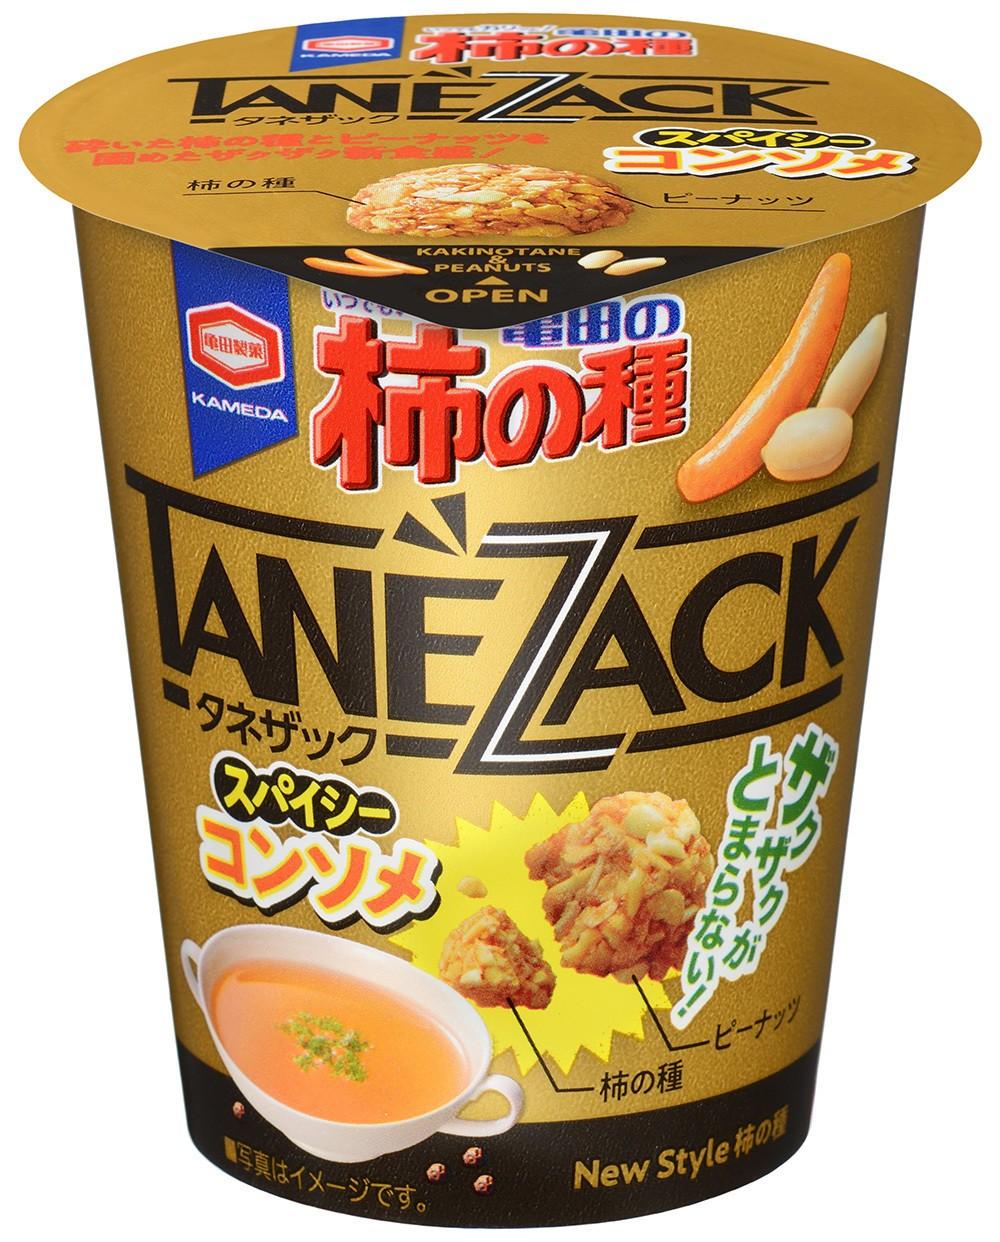 「亀田の柿の種」にコンソメの深いコク スパイシー&ザクザク食感